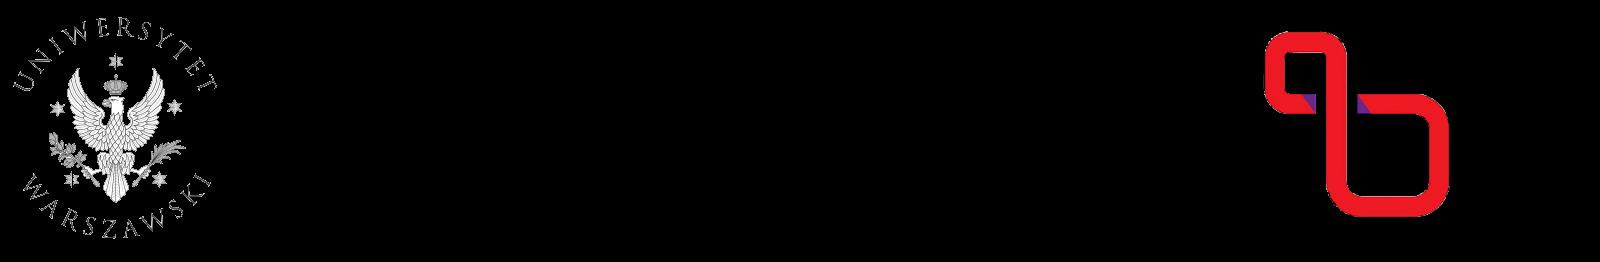 Inicjatywa doskonałości - Uczelnia badawcza UW Logo